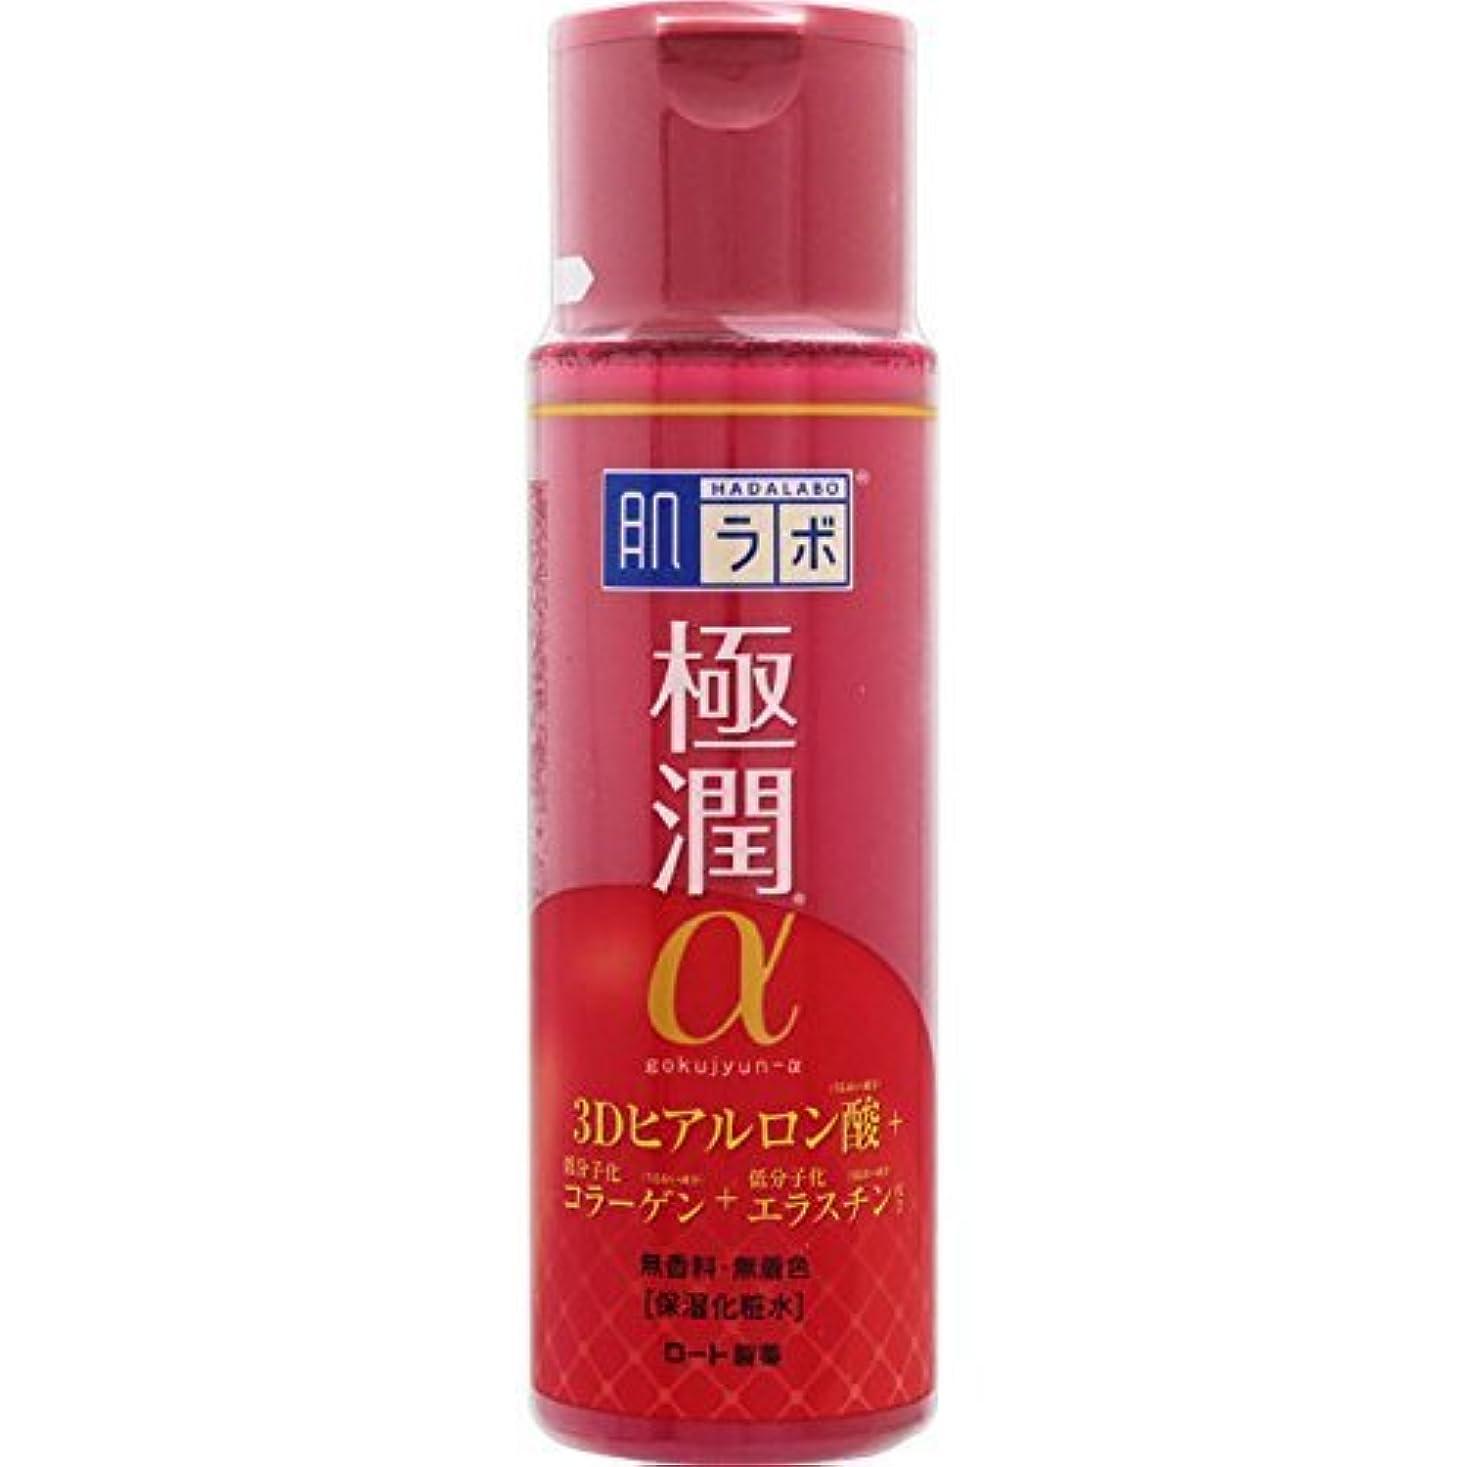 パシフィック確かに持参(2016年秋の新商品)(ロート製薬)肌ラボ極潤α 3Dヒアルロン酸保湿化粧水 170ml